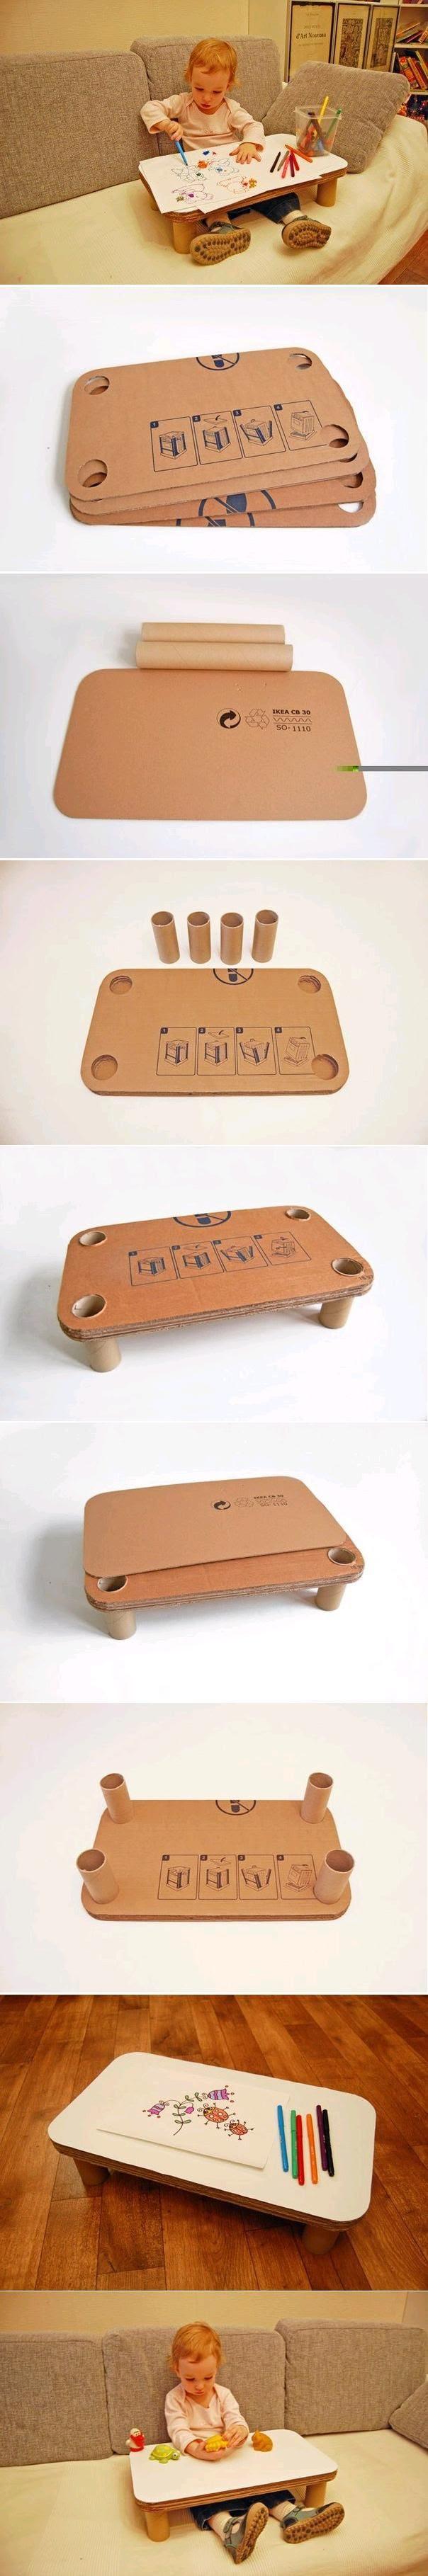 DIY Children Cardboard Table